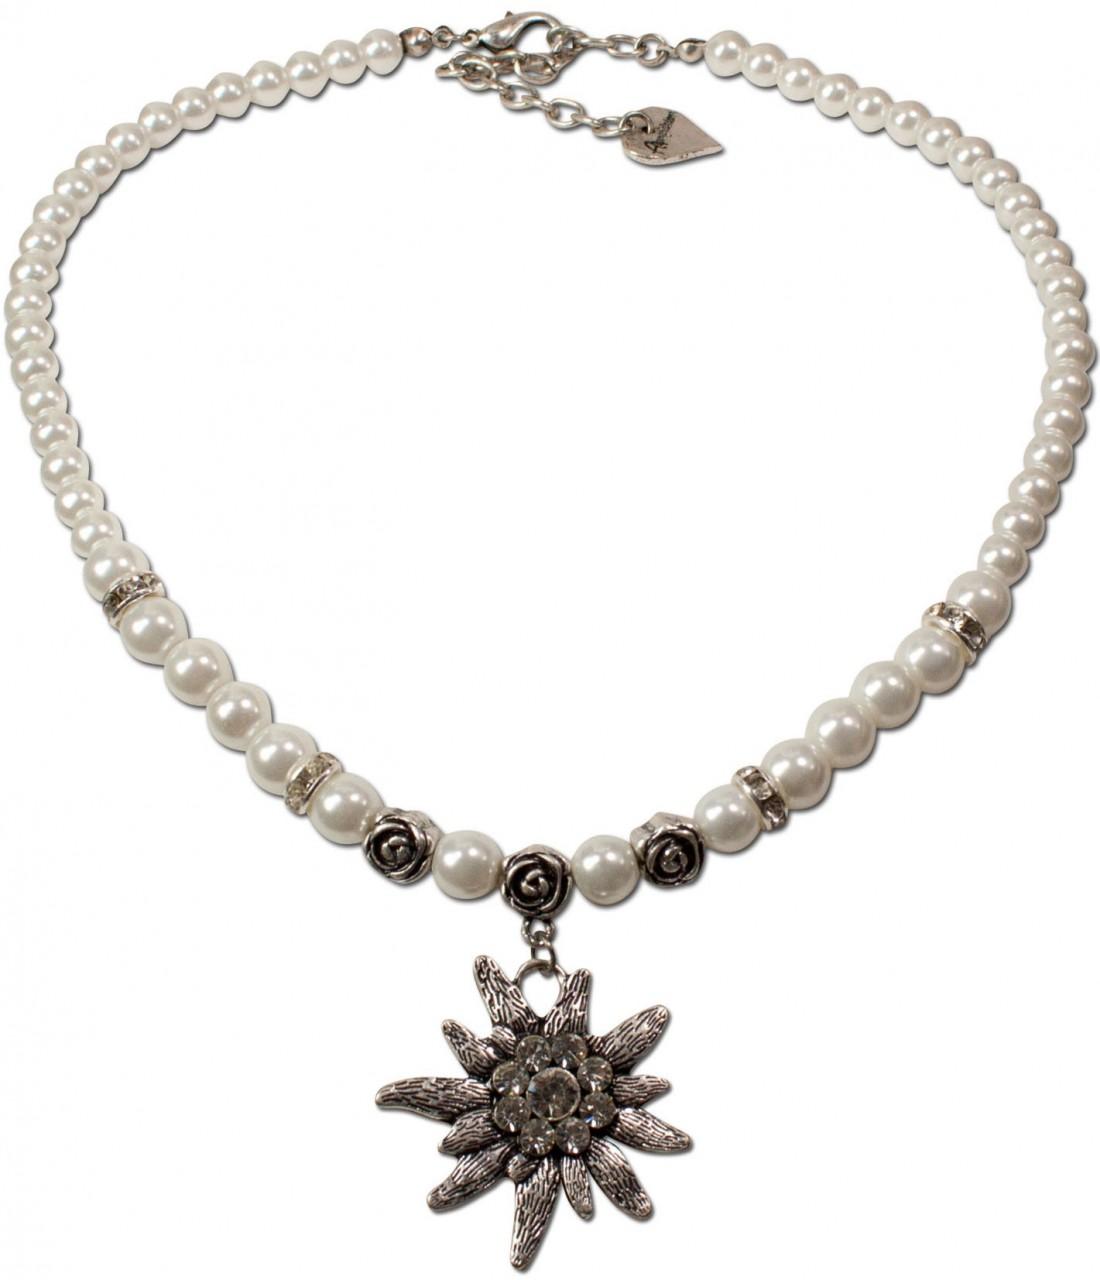 Perlenhalskette großes Edelweiß cremeweiß